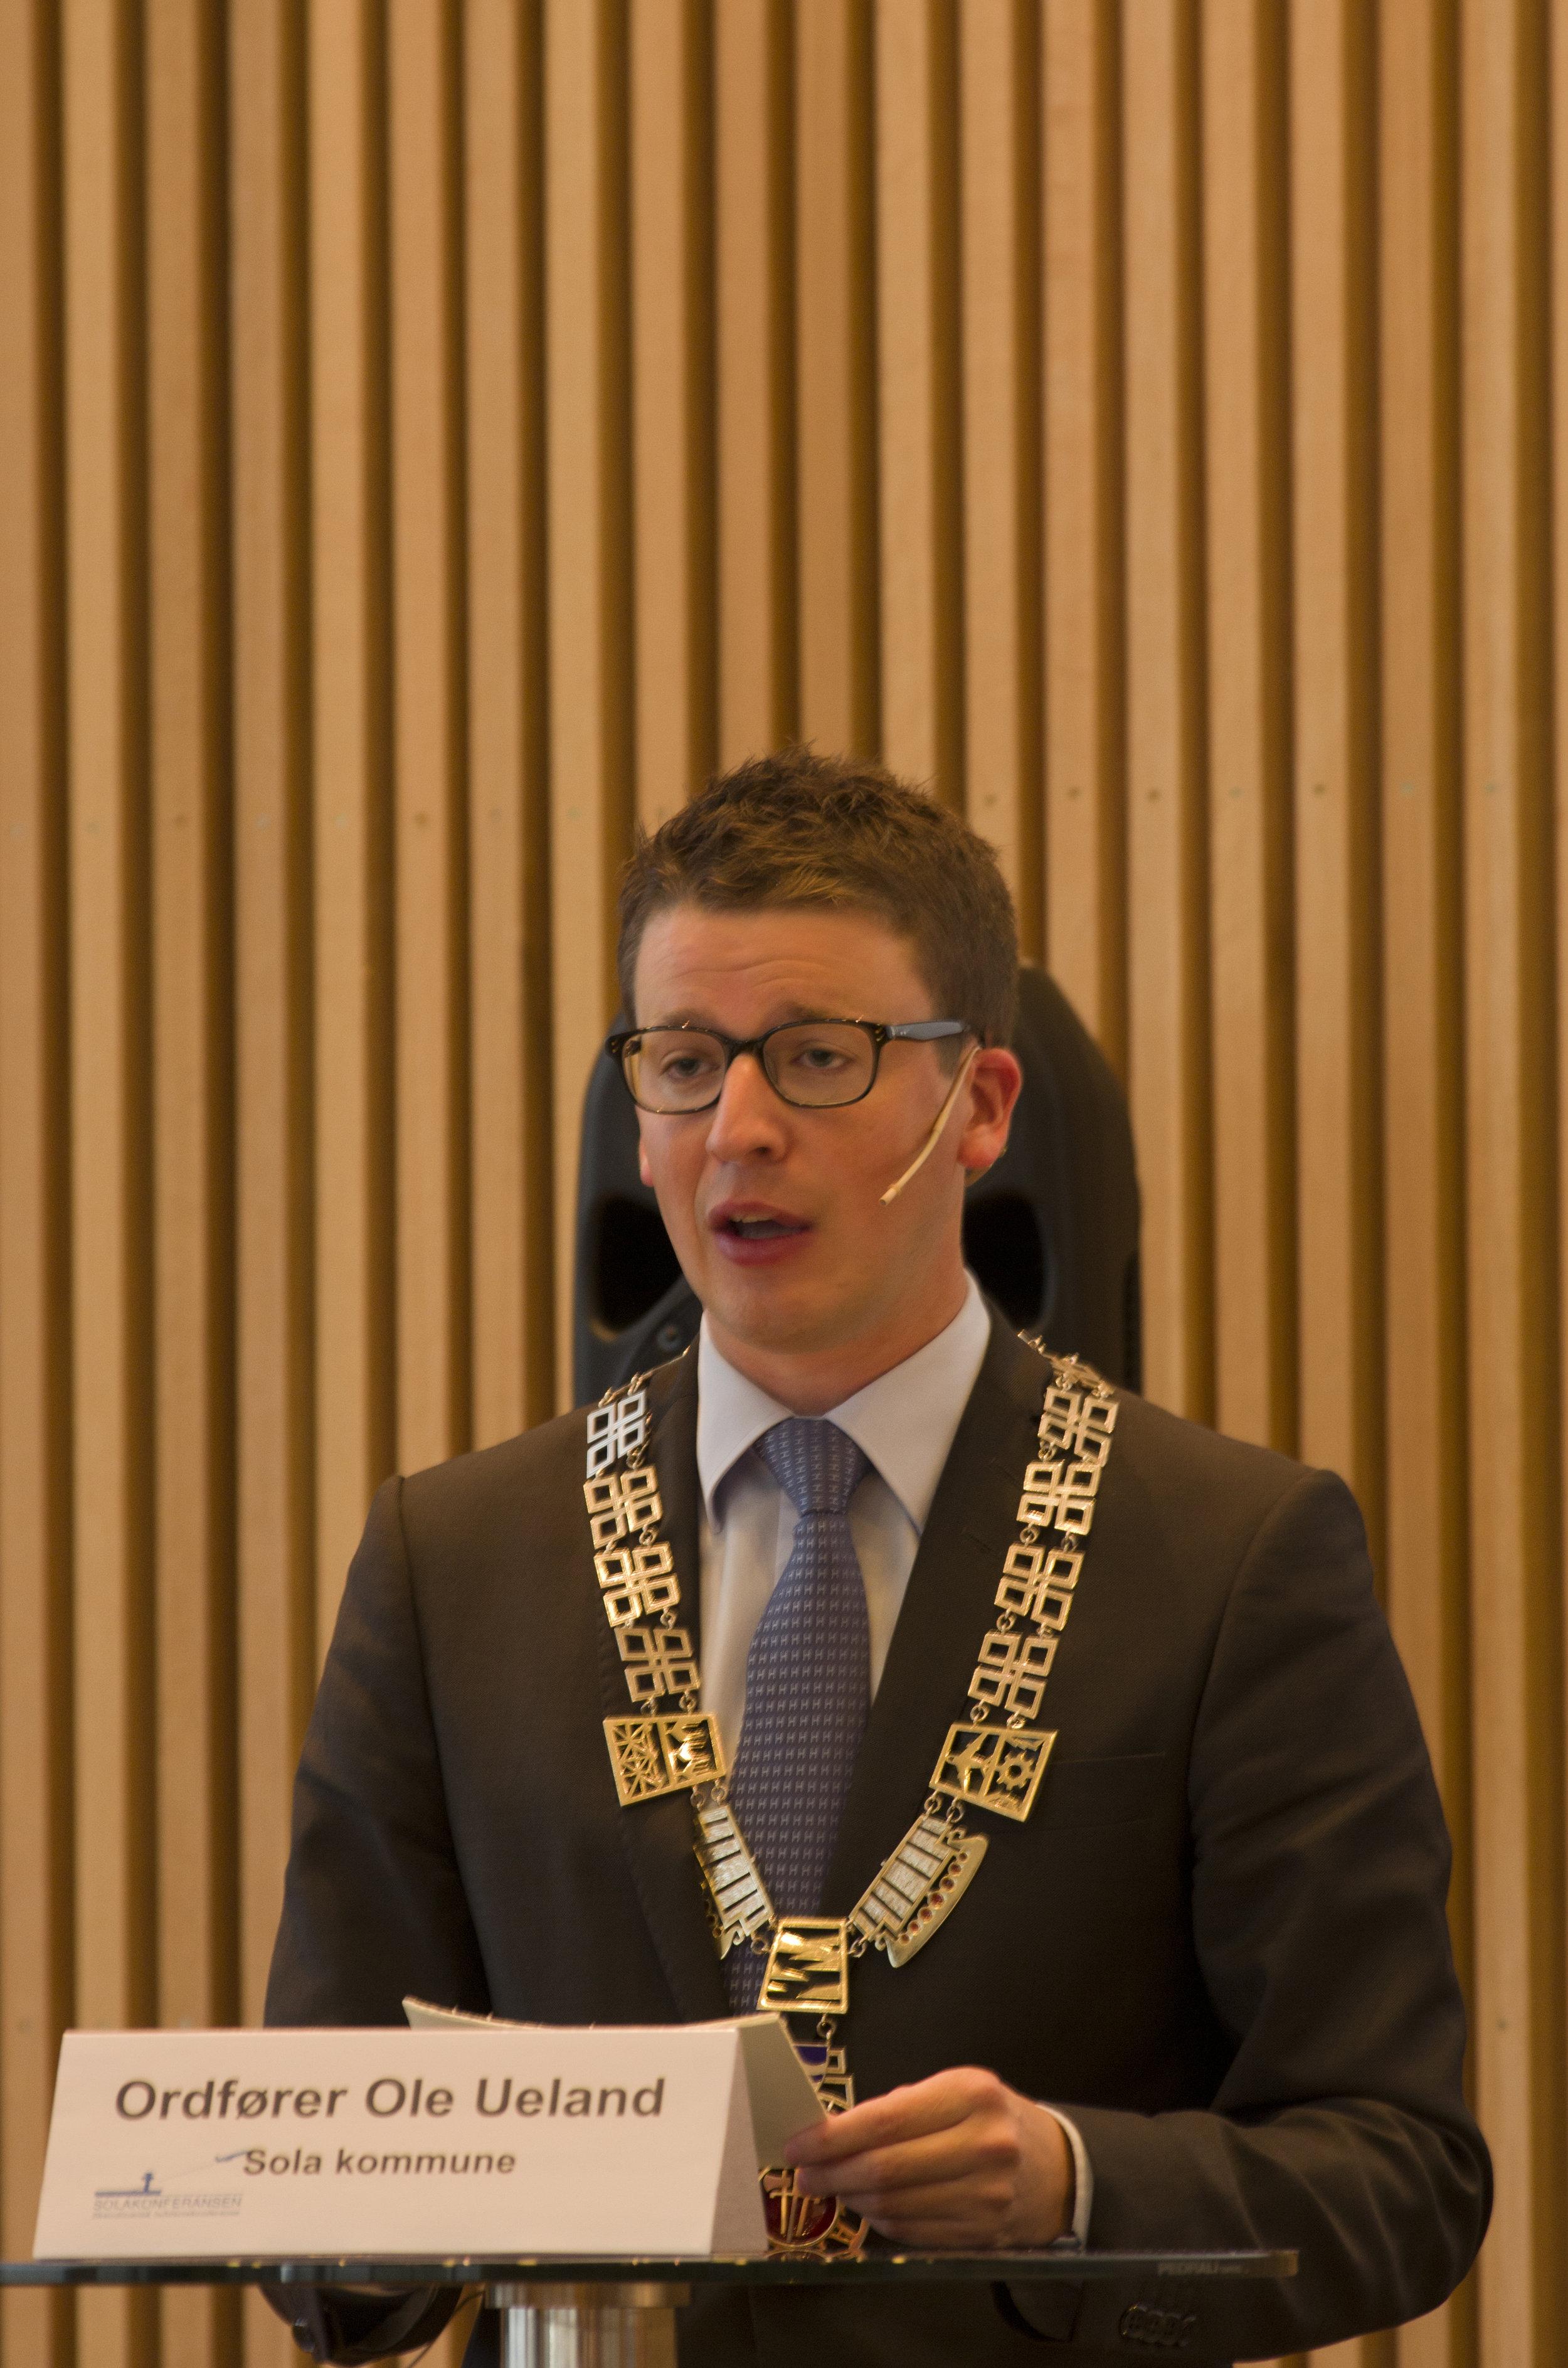 Ordfører Ole Ueland (3).jpg